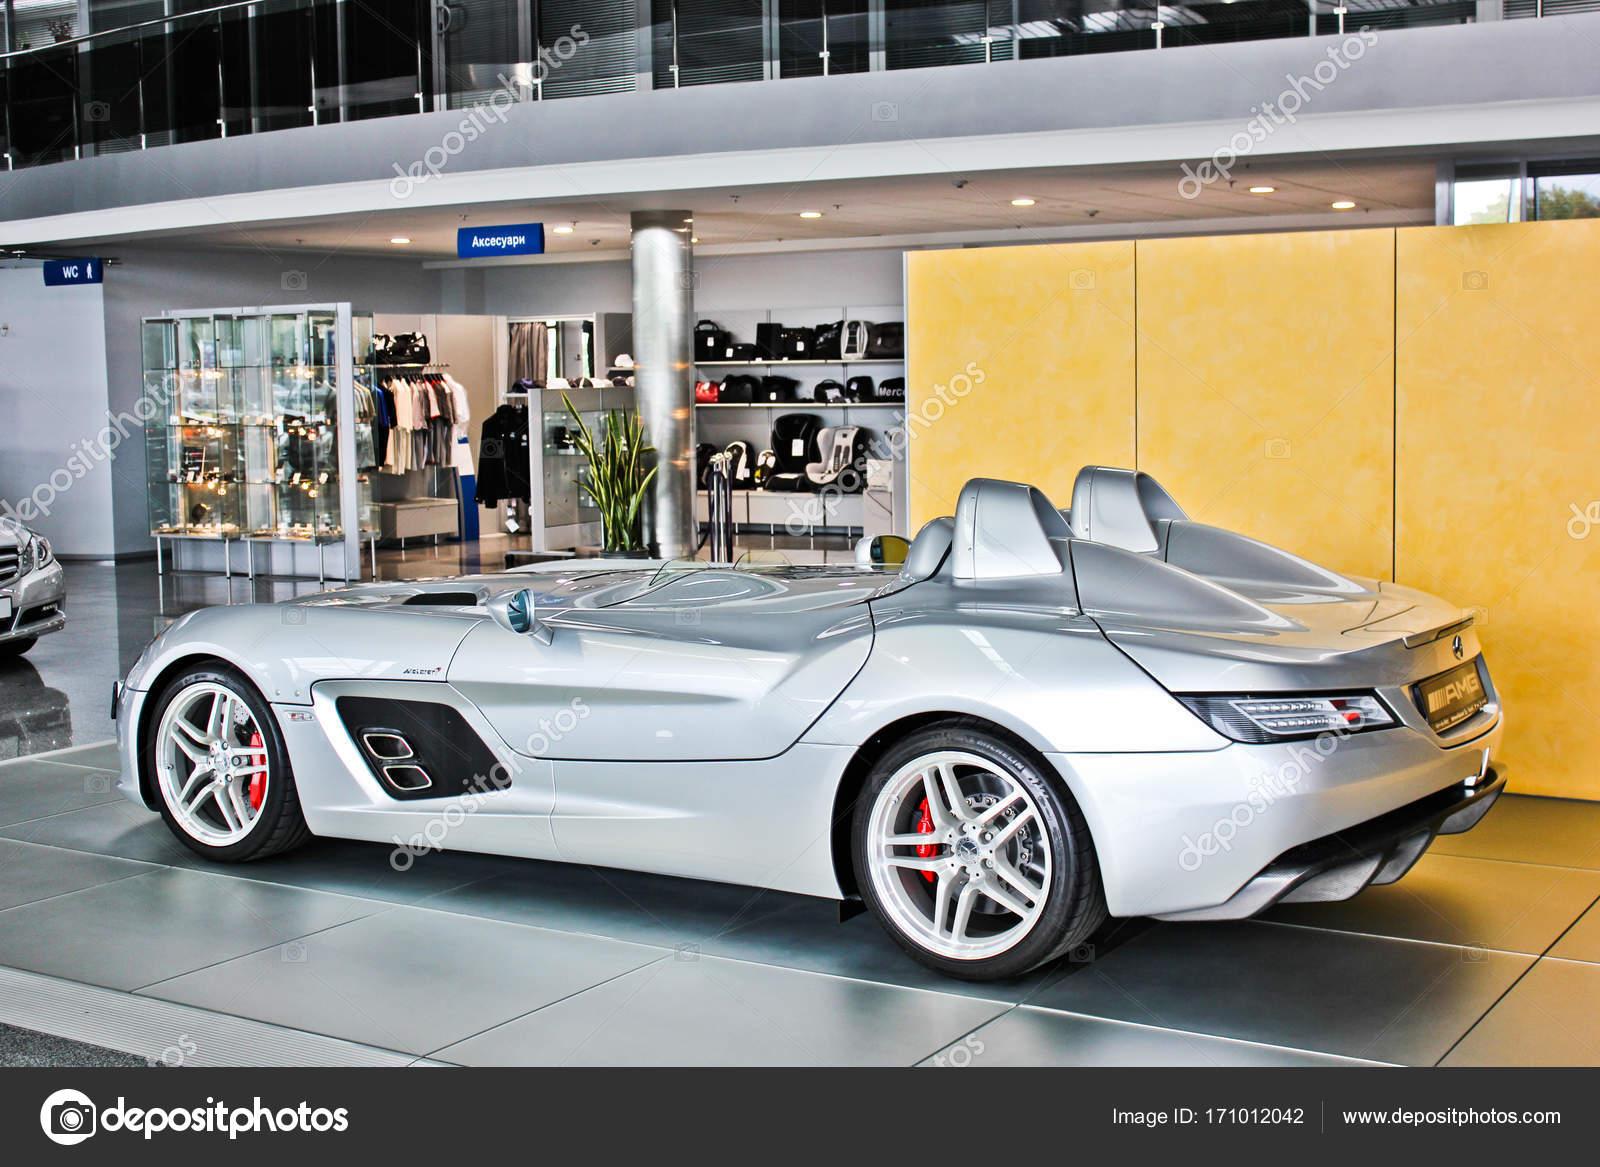 Mercedes Benz Slr Mclaren Stirling Moss.